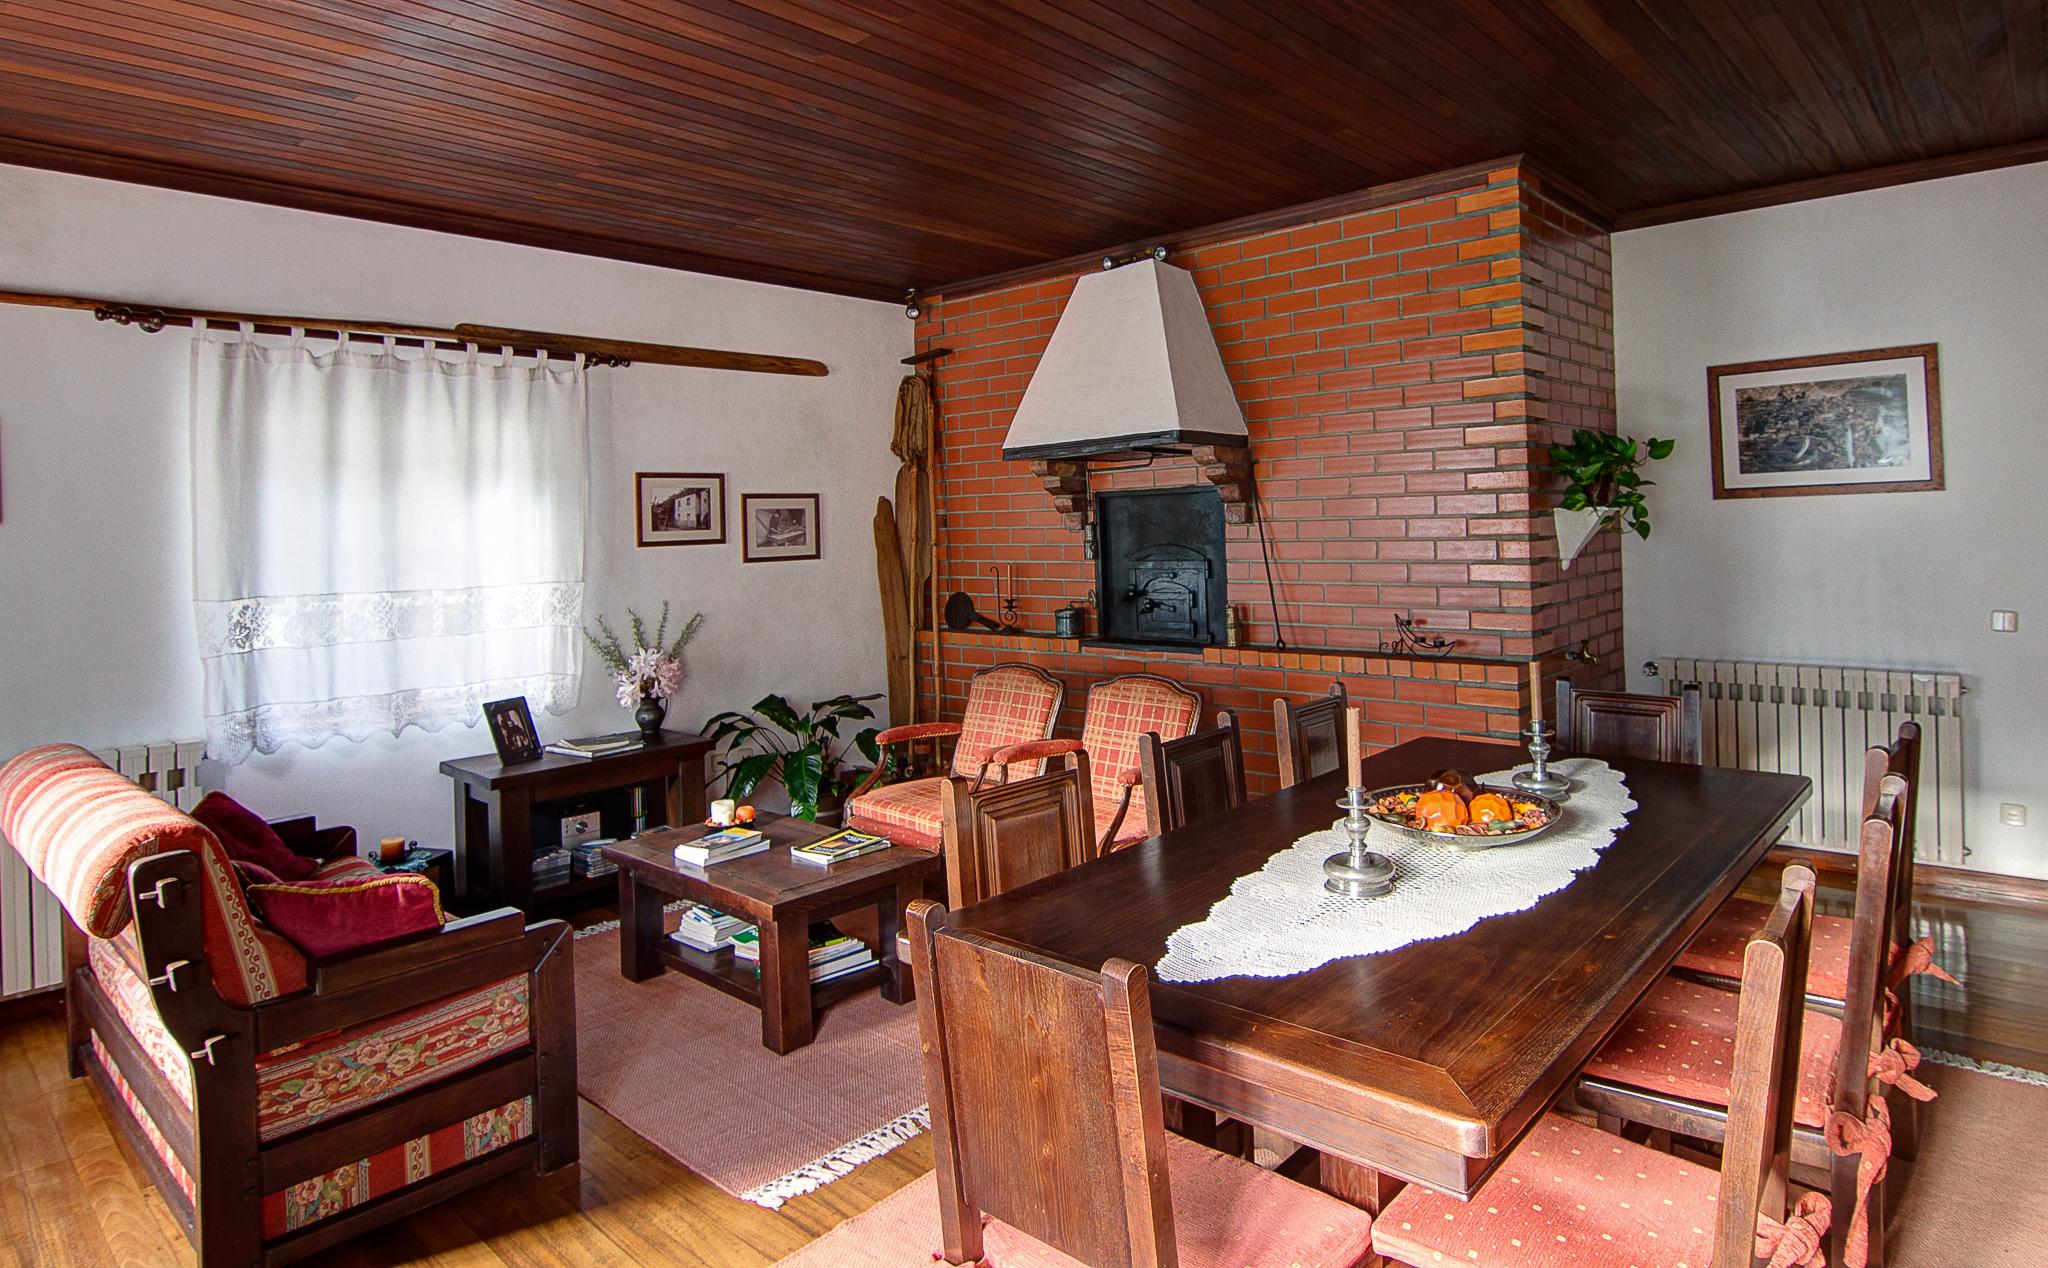 Casa da padaria alojamento de turismo rural no for Sala de estar 20m2